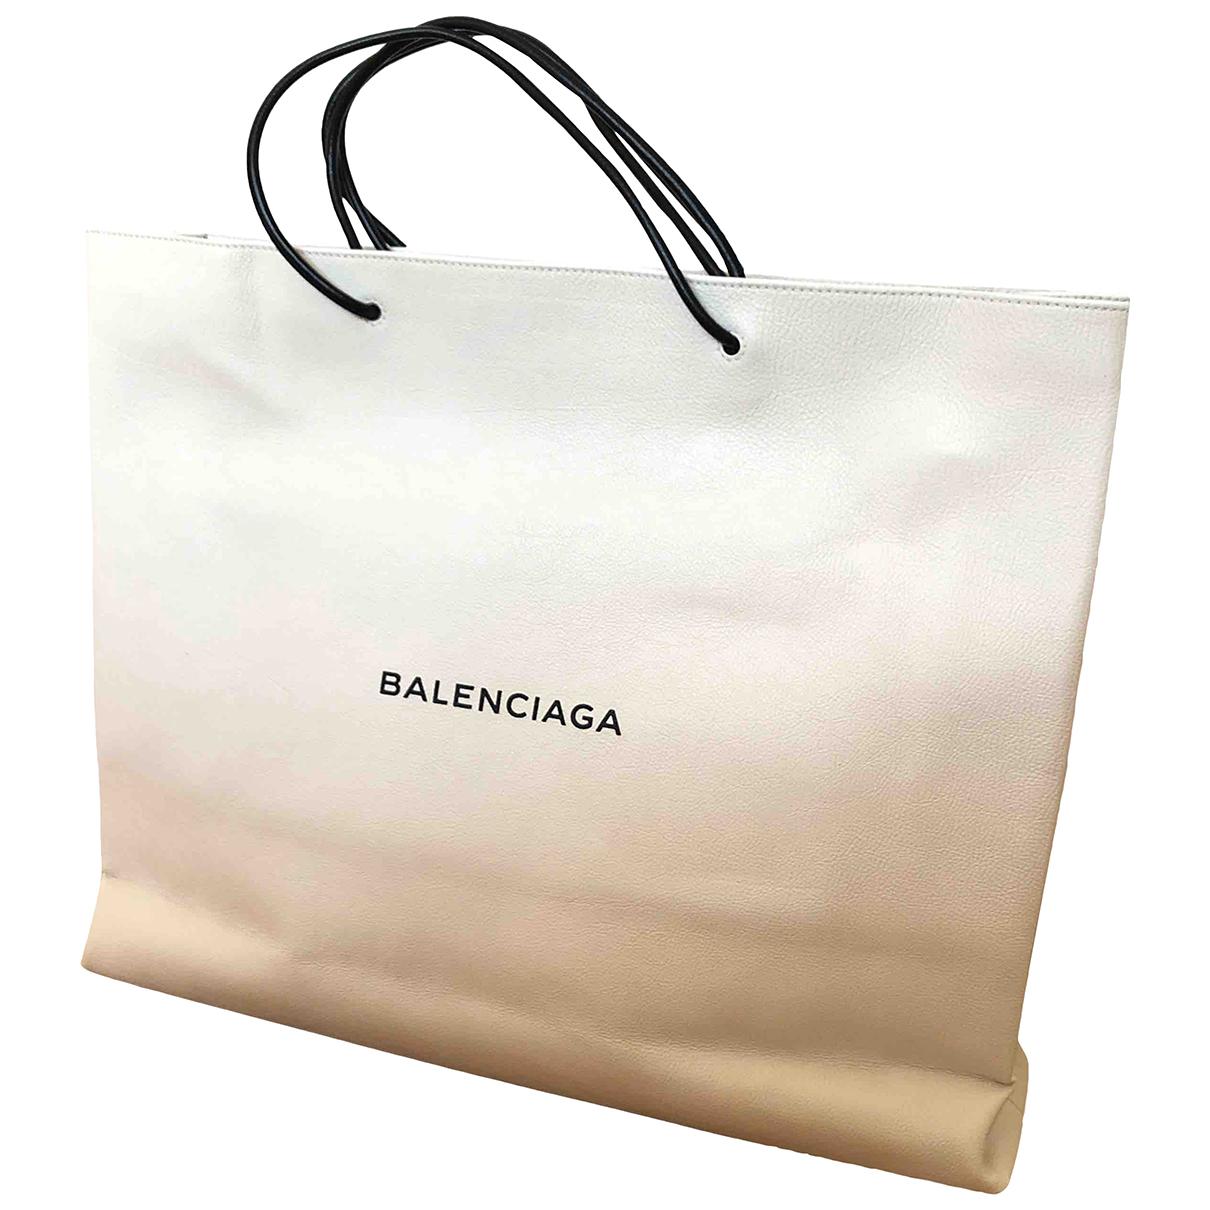 Balenciaga - Sac de voyage   pour femme en cuir - blanc